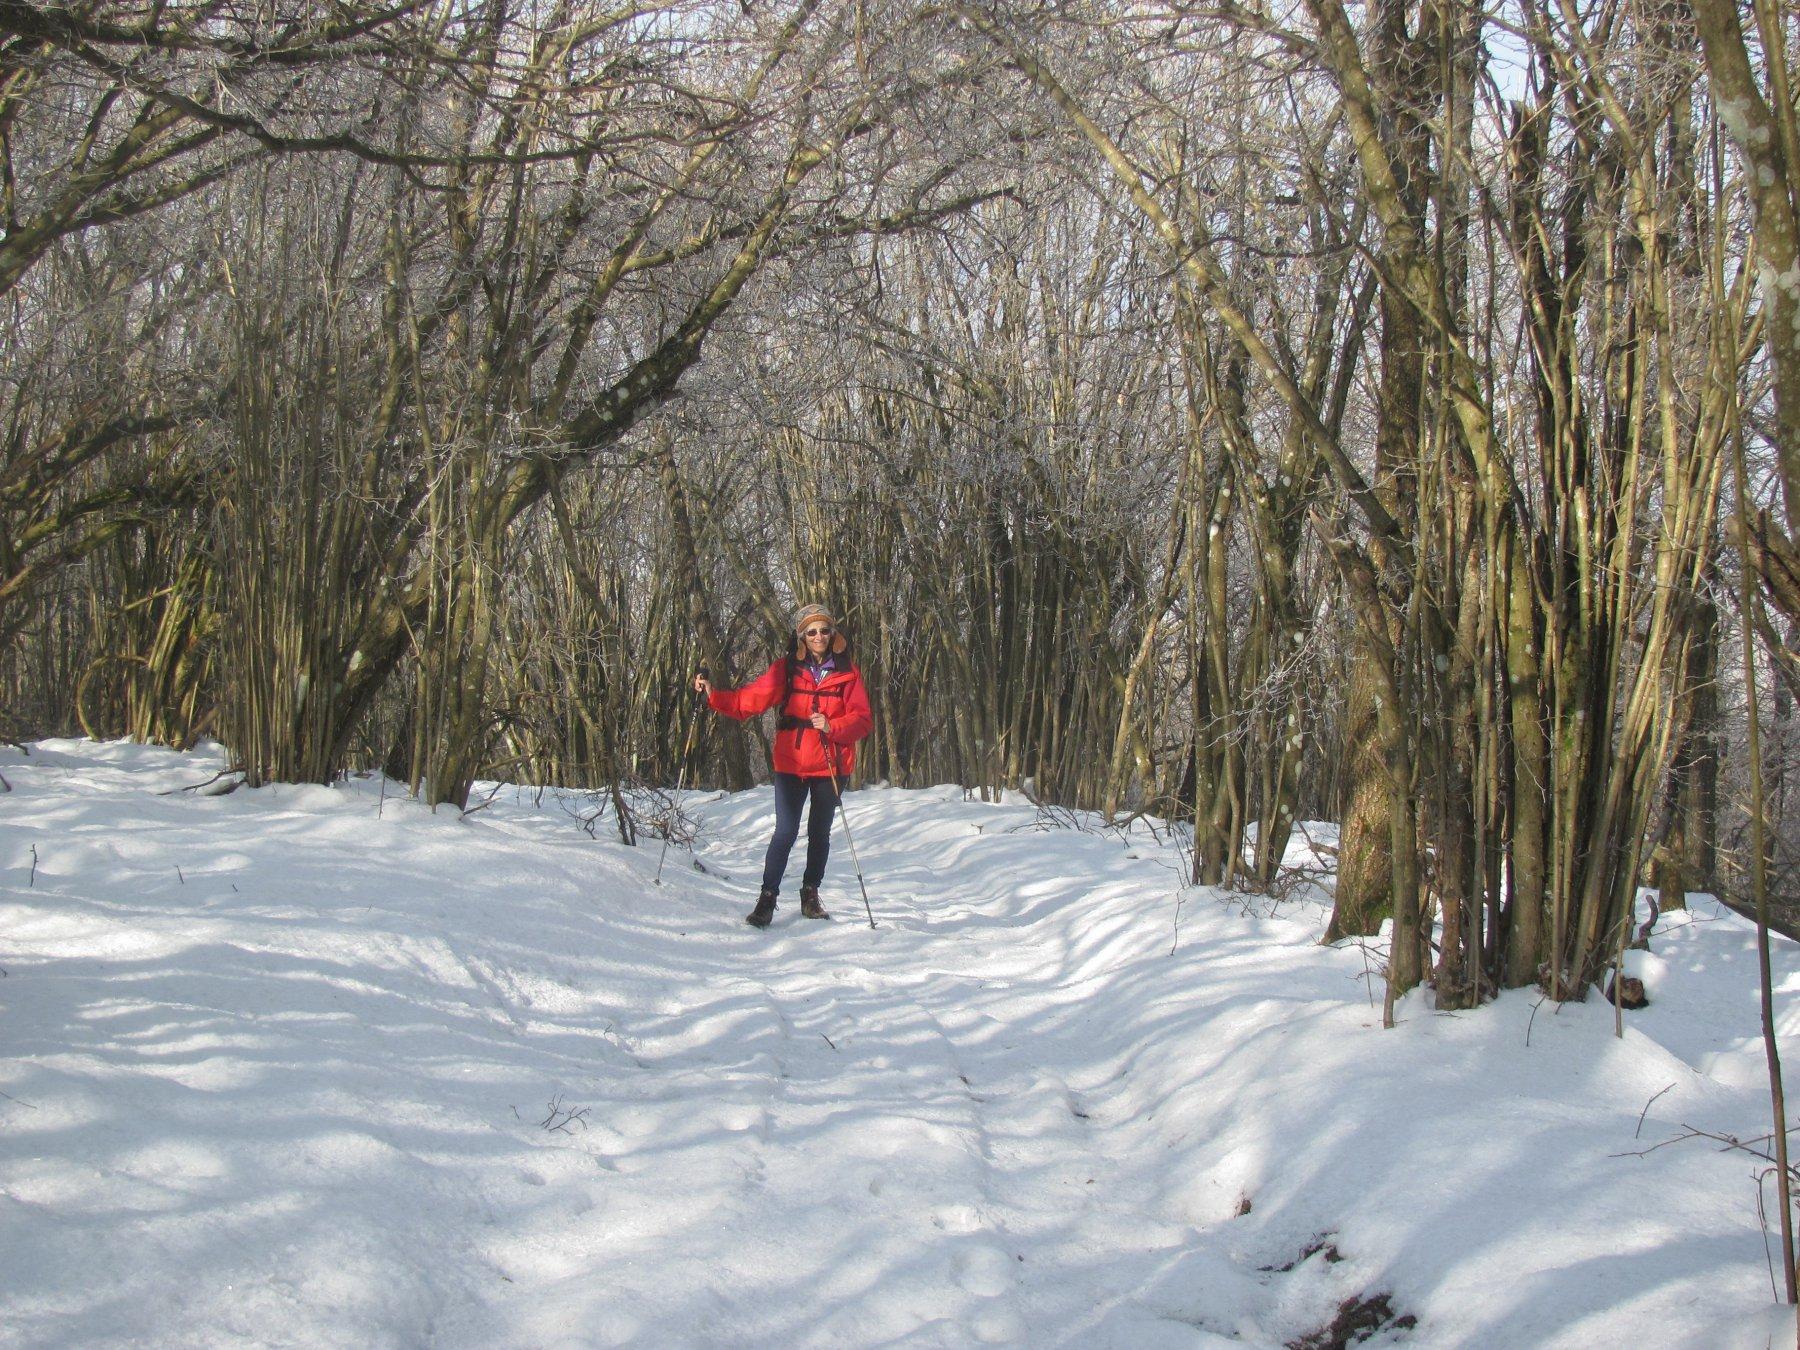 neve nella parte superiore del percorso